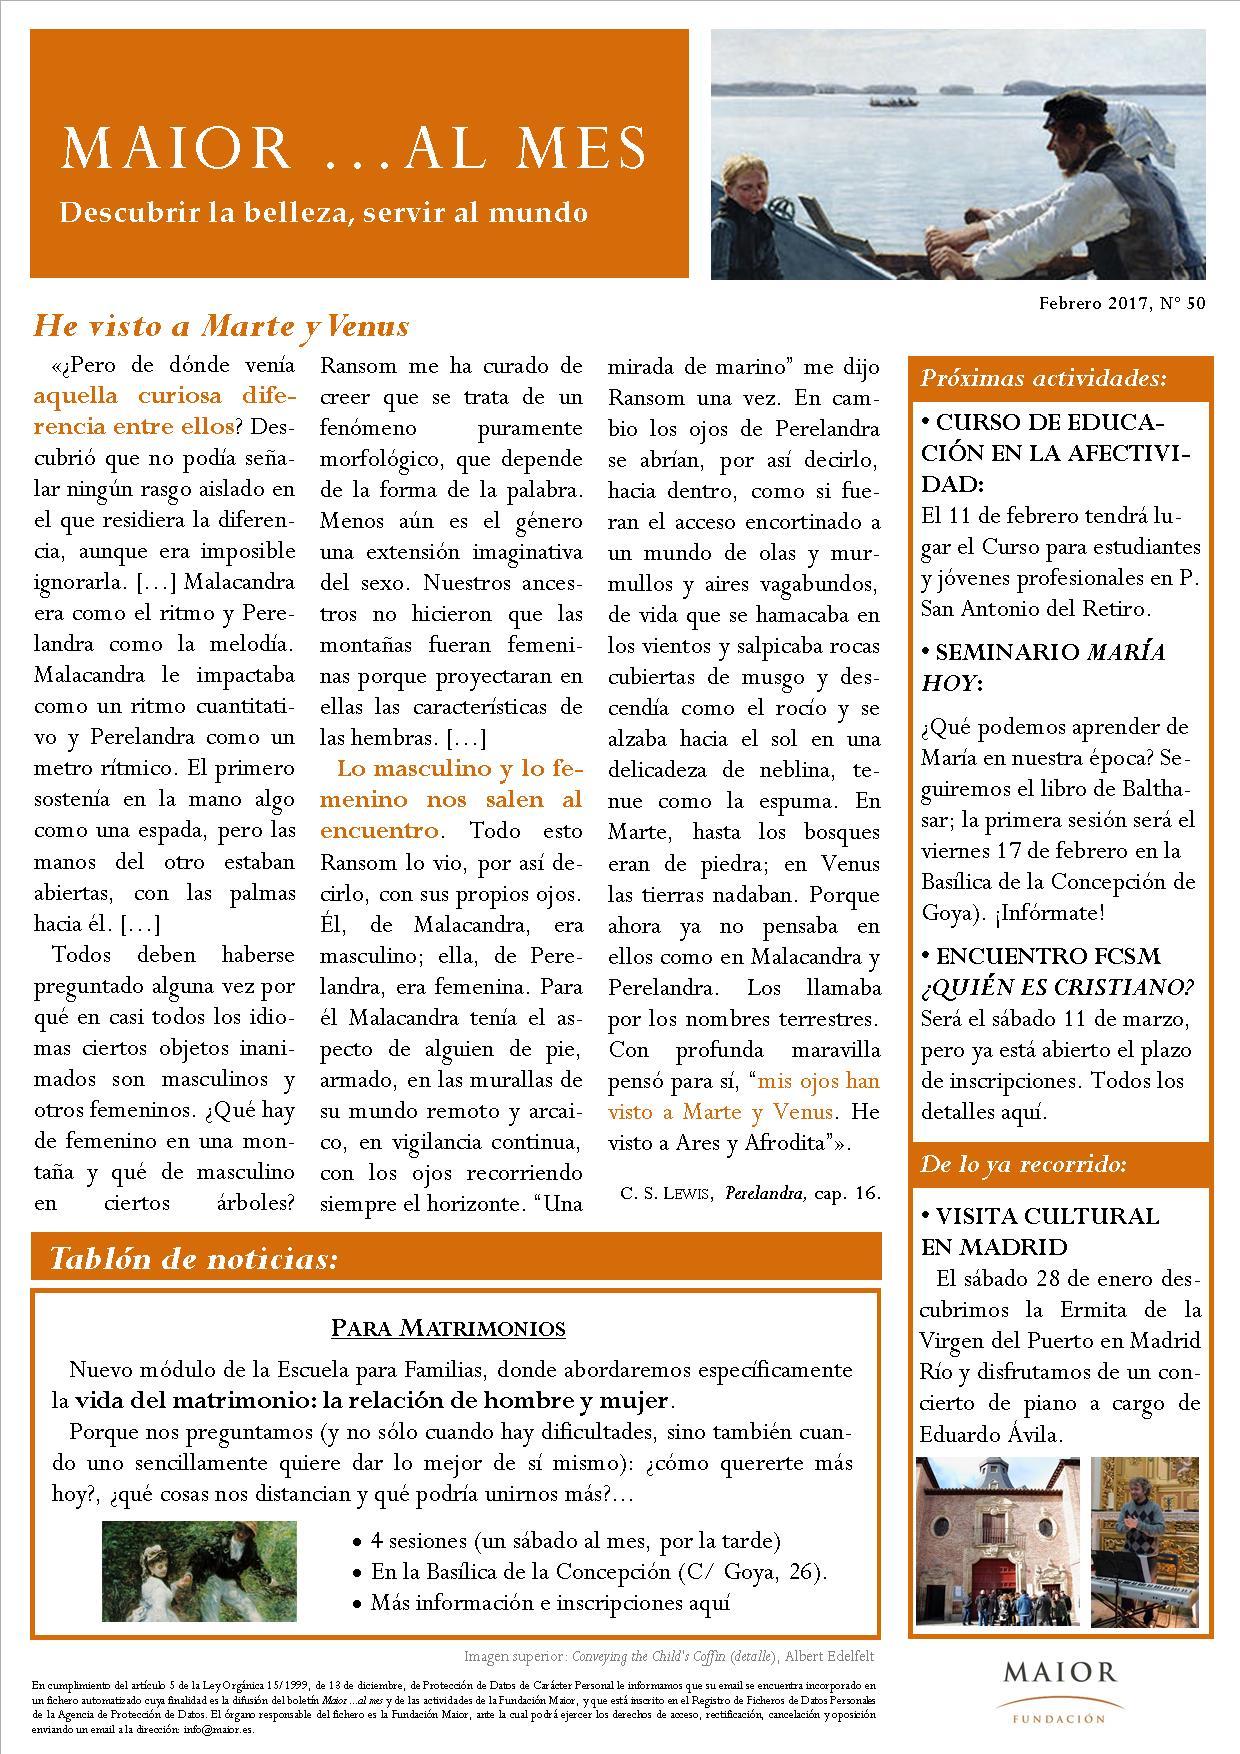 Boletín mensual de noticias y actividades de la Fundación Maior. Edición de febrero 2017